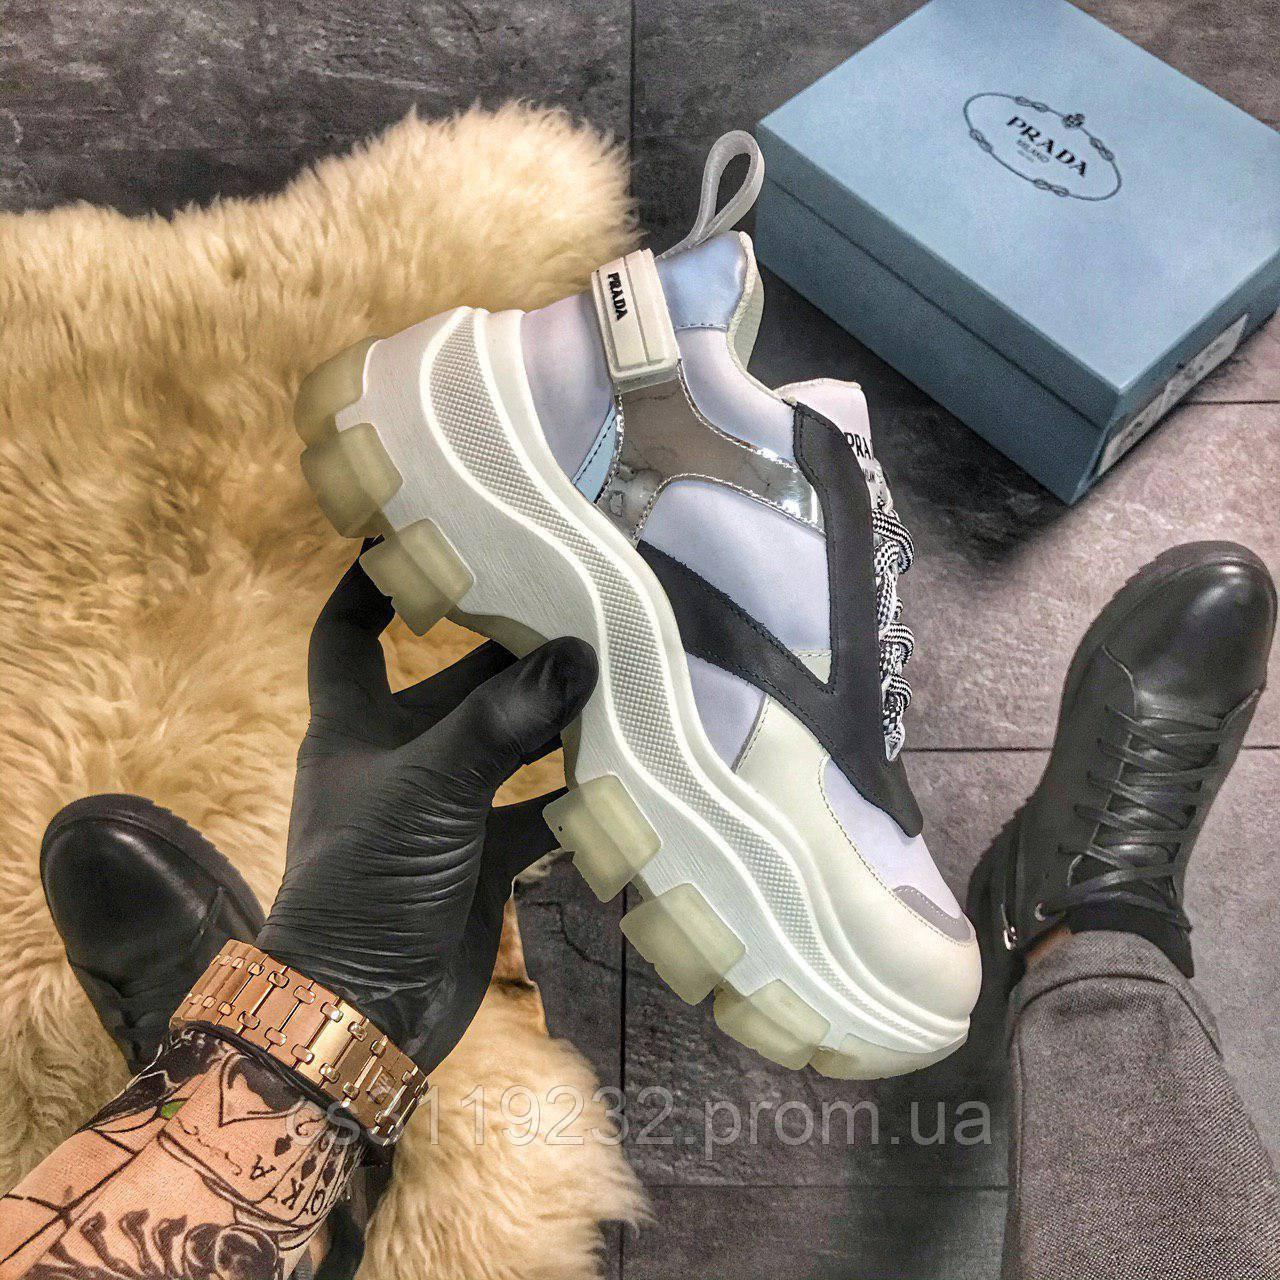 Жіночі кросівки Prada (білі)